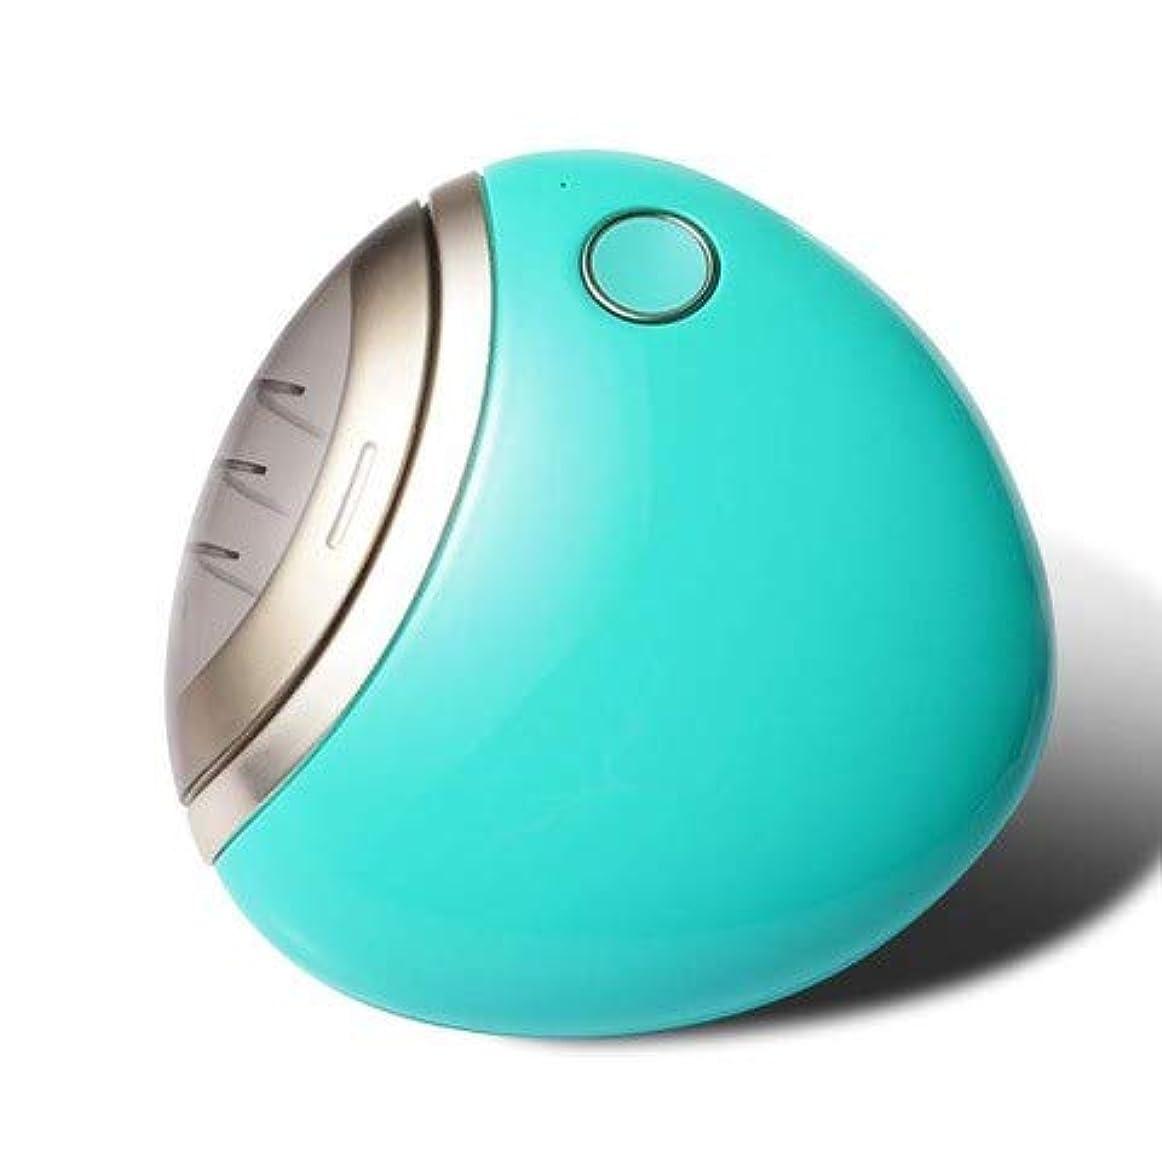 ストレスの多い静脈闘争marise 電動爪切り 自動爪切り USB充電付き 男女兼用 ネイルケア (グリーン)